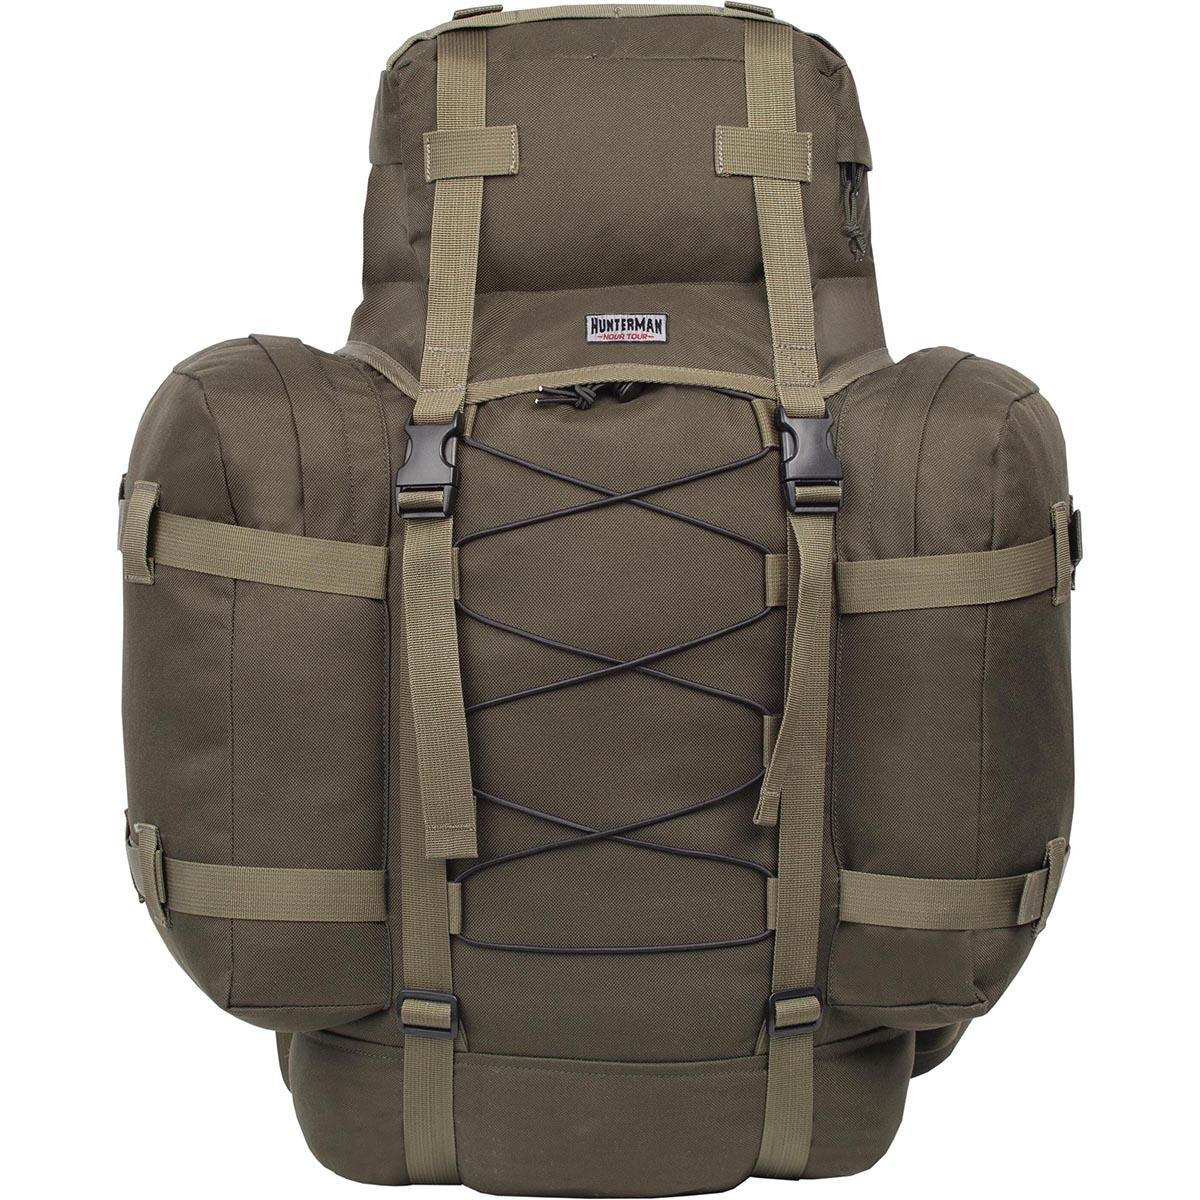 Рюкзак для охоты Nova Tour Контур 75 V3, цвет: зеленый, 75 лГризлиЛегкий, компактный рюкзак для охоты и рыбалки. Находка для любителей активного отдыха на природе! Стильный, вместительный, удобный в эксплуатации! Надежный помощник при переноске необходимого снаряжения для рыбной ловли и охоты. Вертикальная смягчающая вставка добавляет жесткости спинке рюкзака, в плавающем клапане карман для мелочей, съемная поясная стропа.